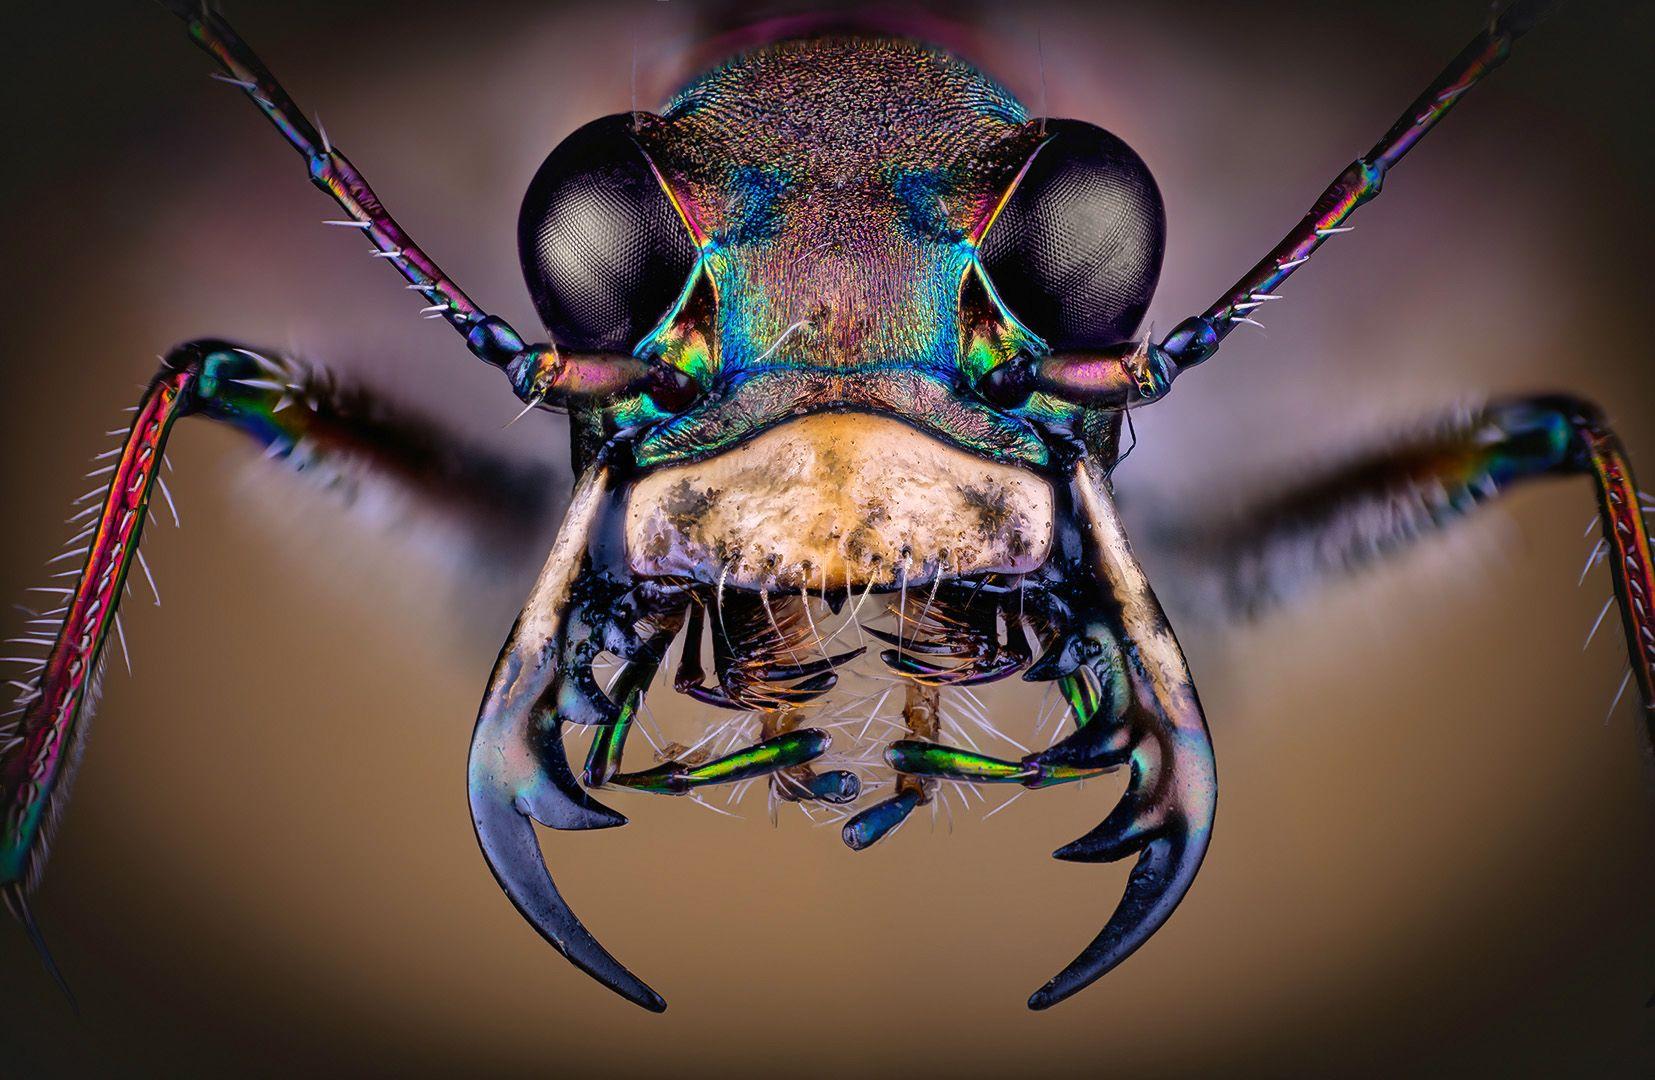 cicindela hybrida, Eugenijus Kavaliauskas